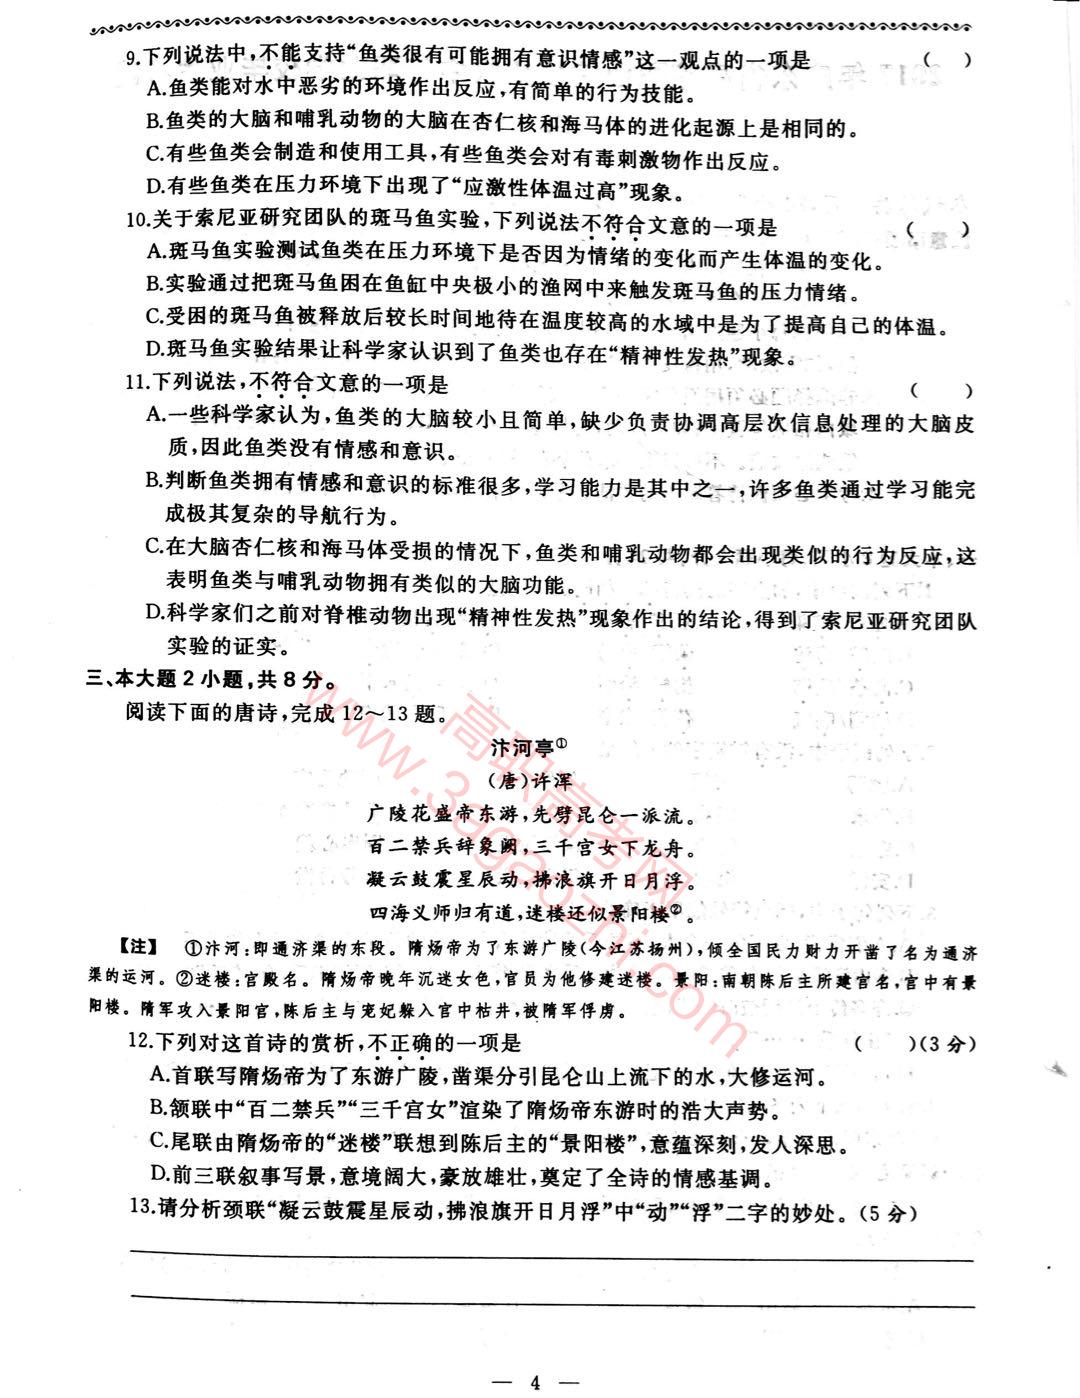 2017年广东省高等职业院校招收中等职业学校毕业生考试《语文》考试真题(扫描版)